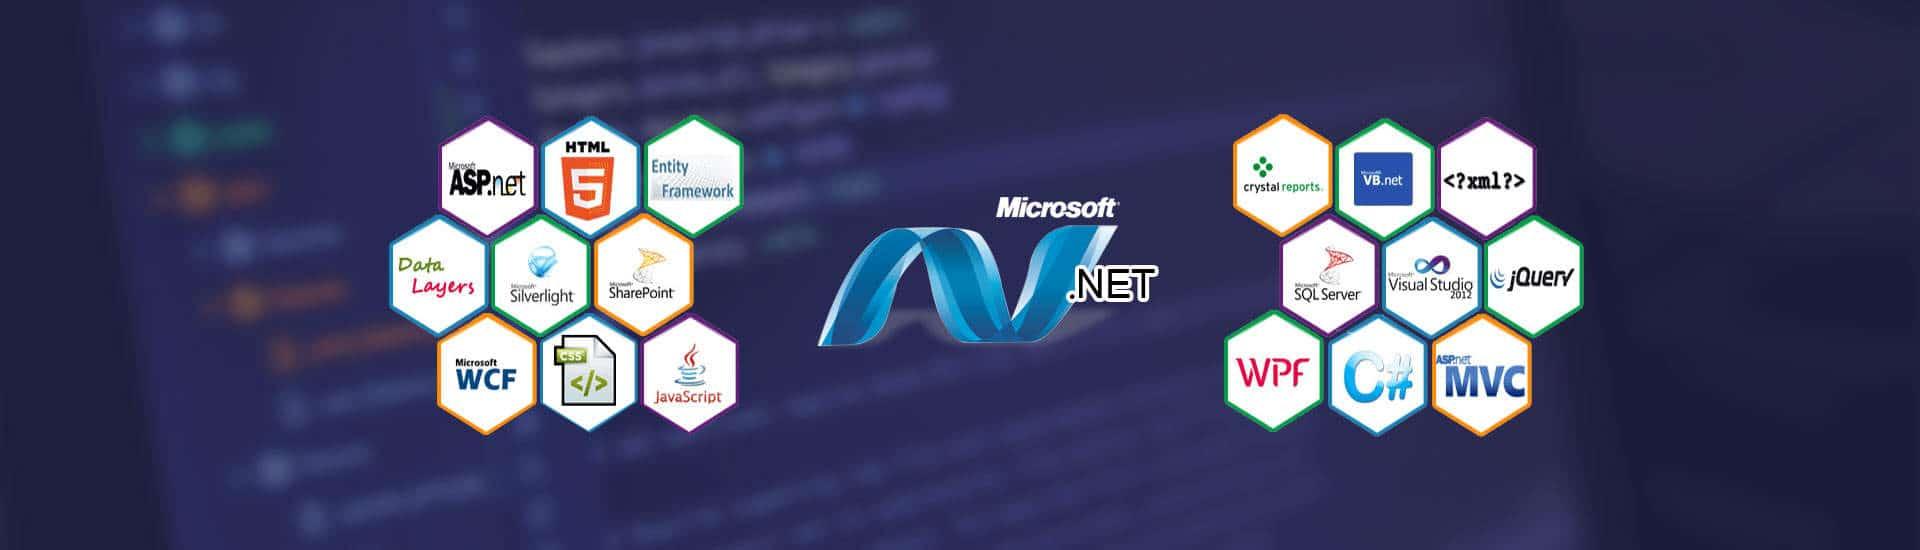 زبان های سازگار با چارچوب NET.